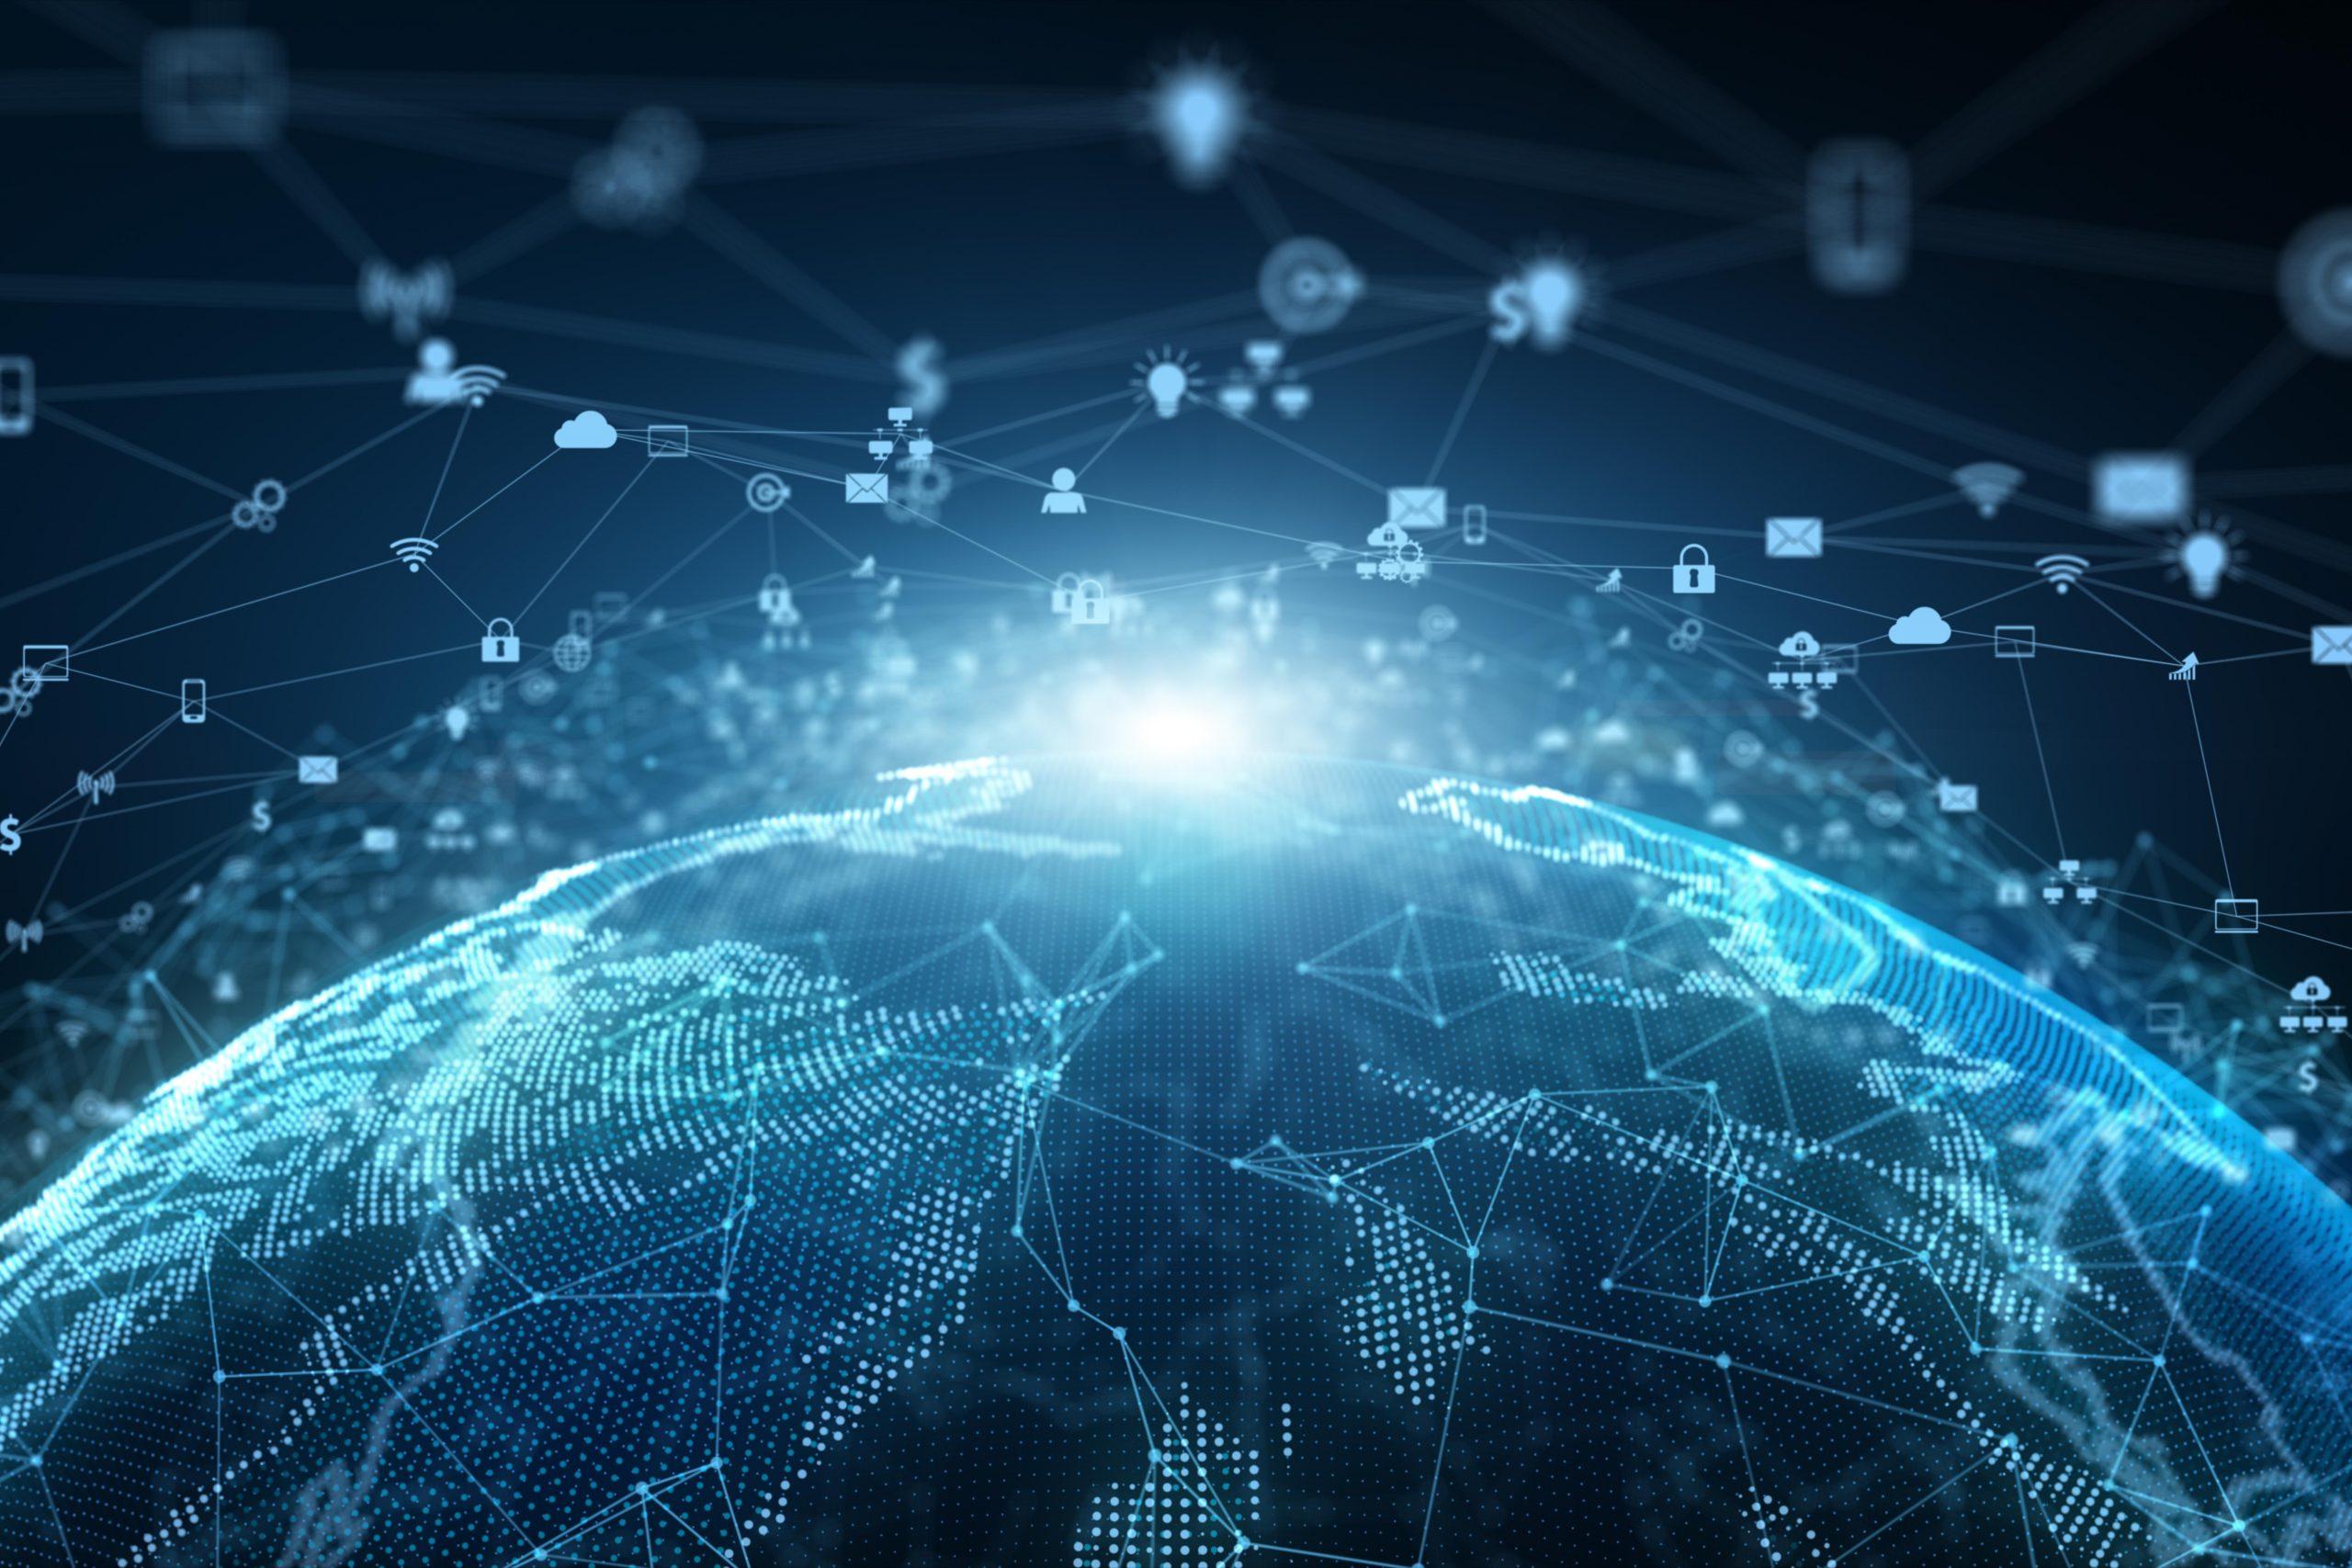 2020 marcou a estreia de 13 milhões de consumidores na internet, diz pesquisa